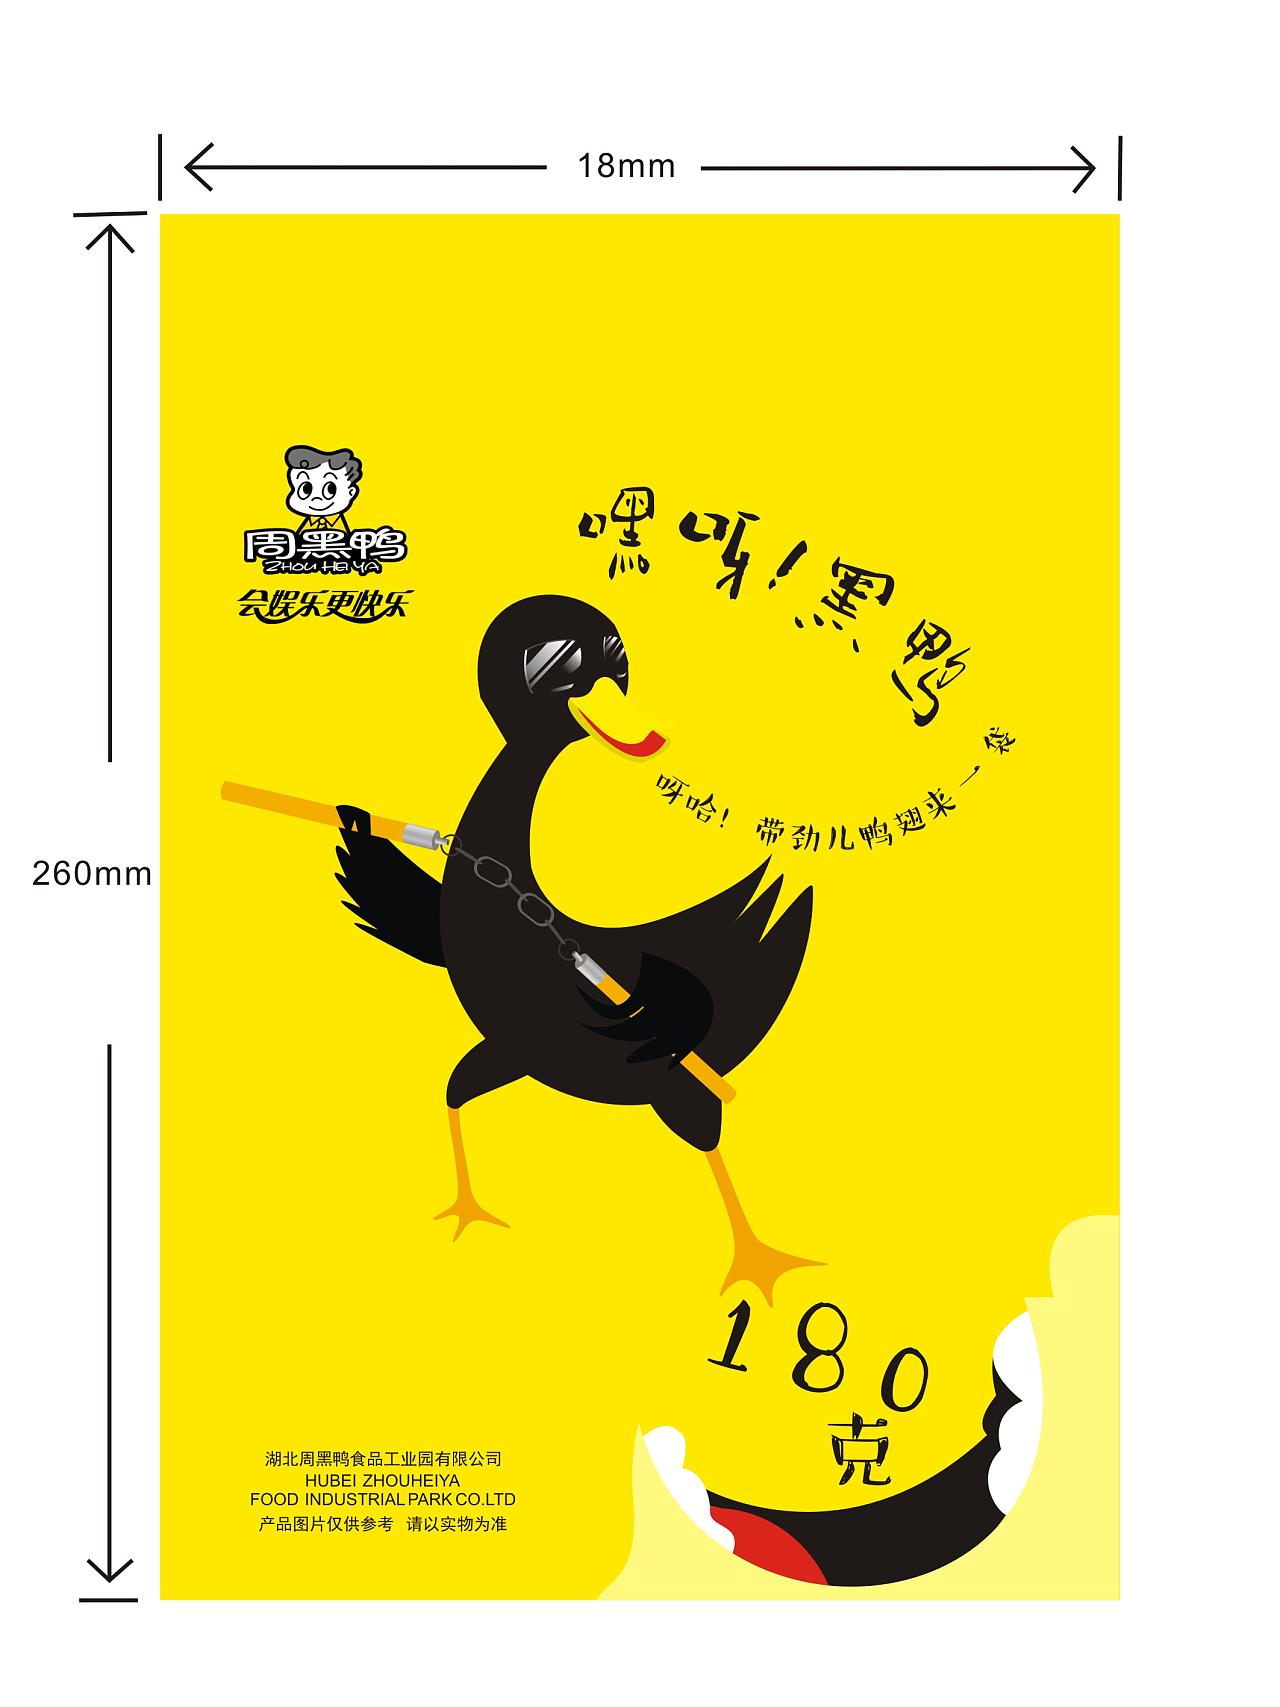 周黑鸭颗粒包装鸭翅设计平面图图片